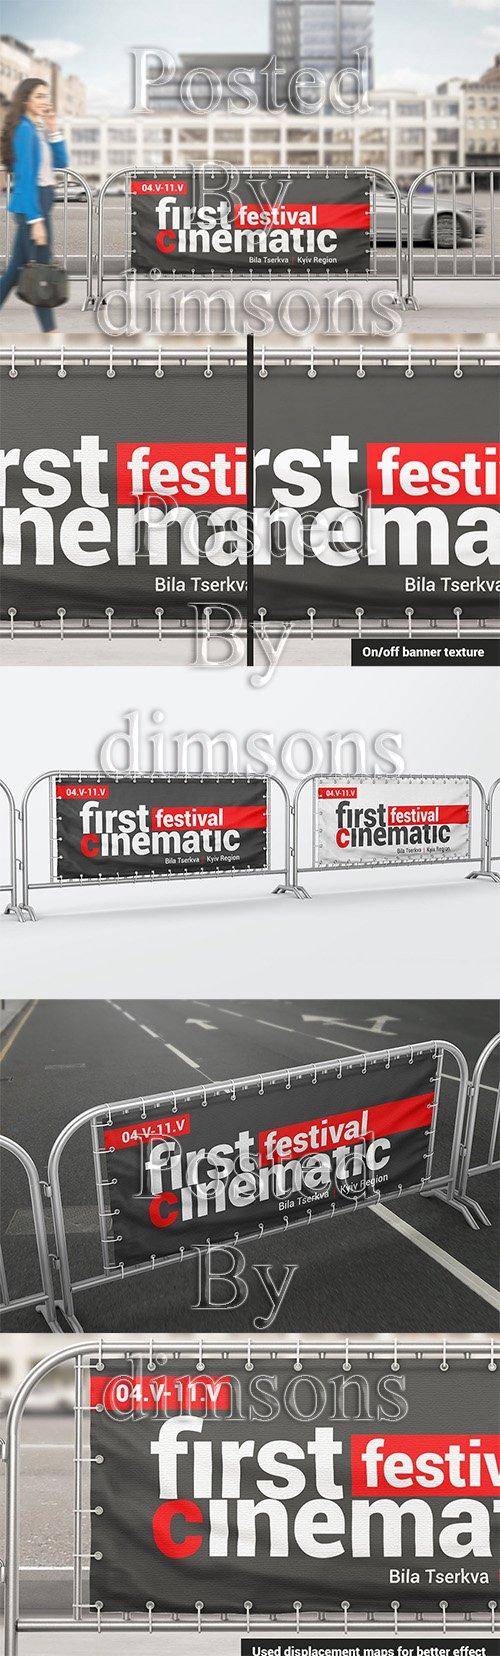 Barrier Banner Mockup PSD